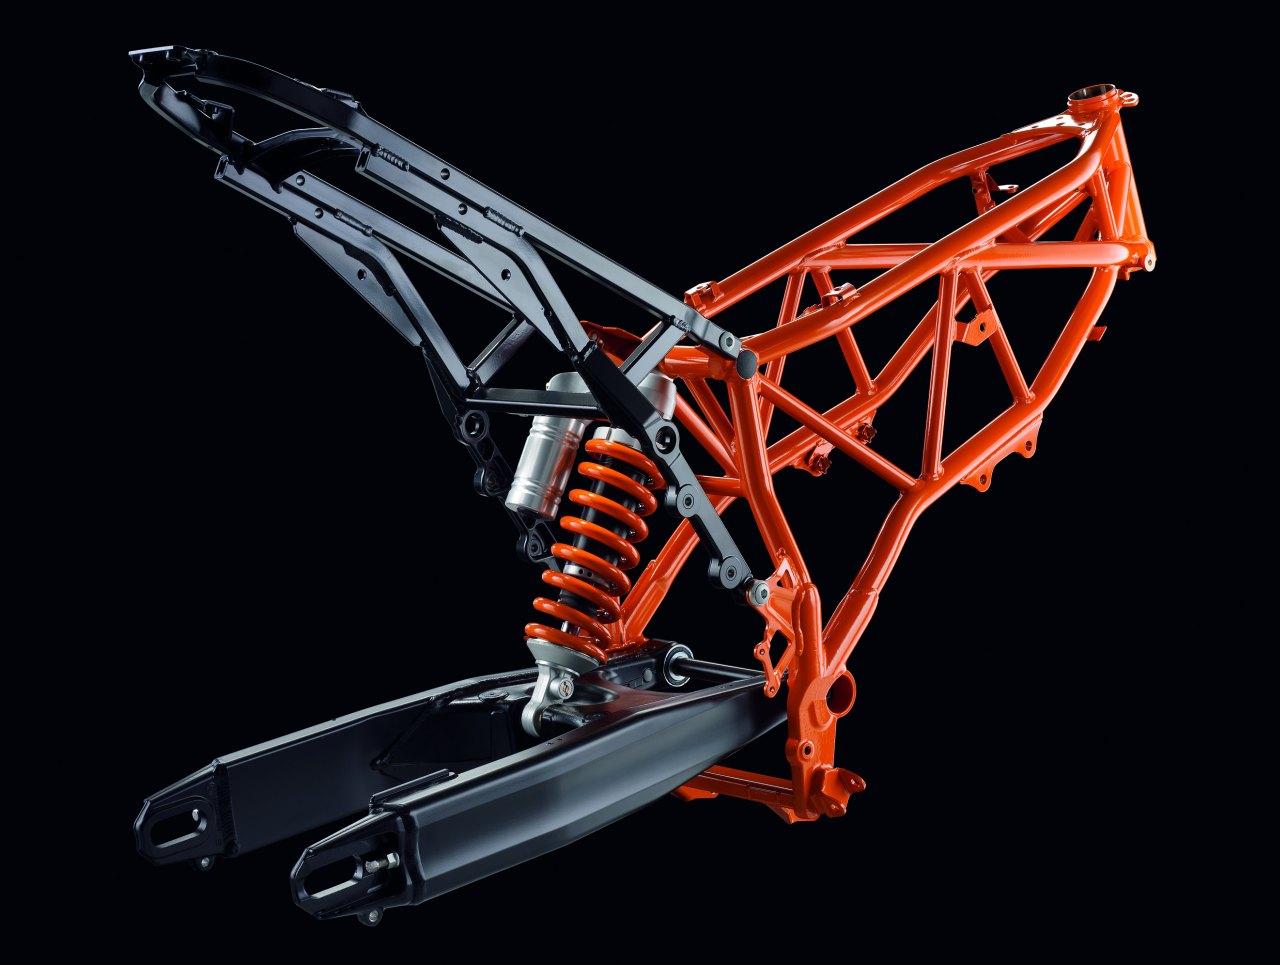 KTM Supermoto R - Testbericht